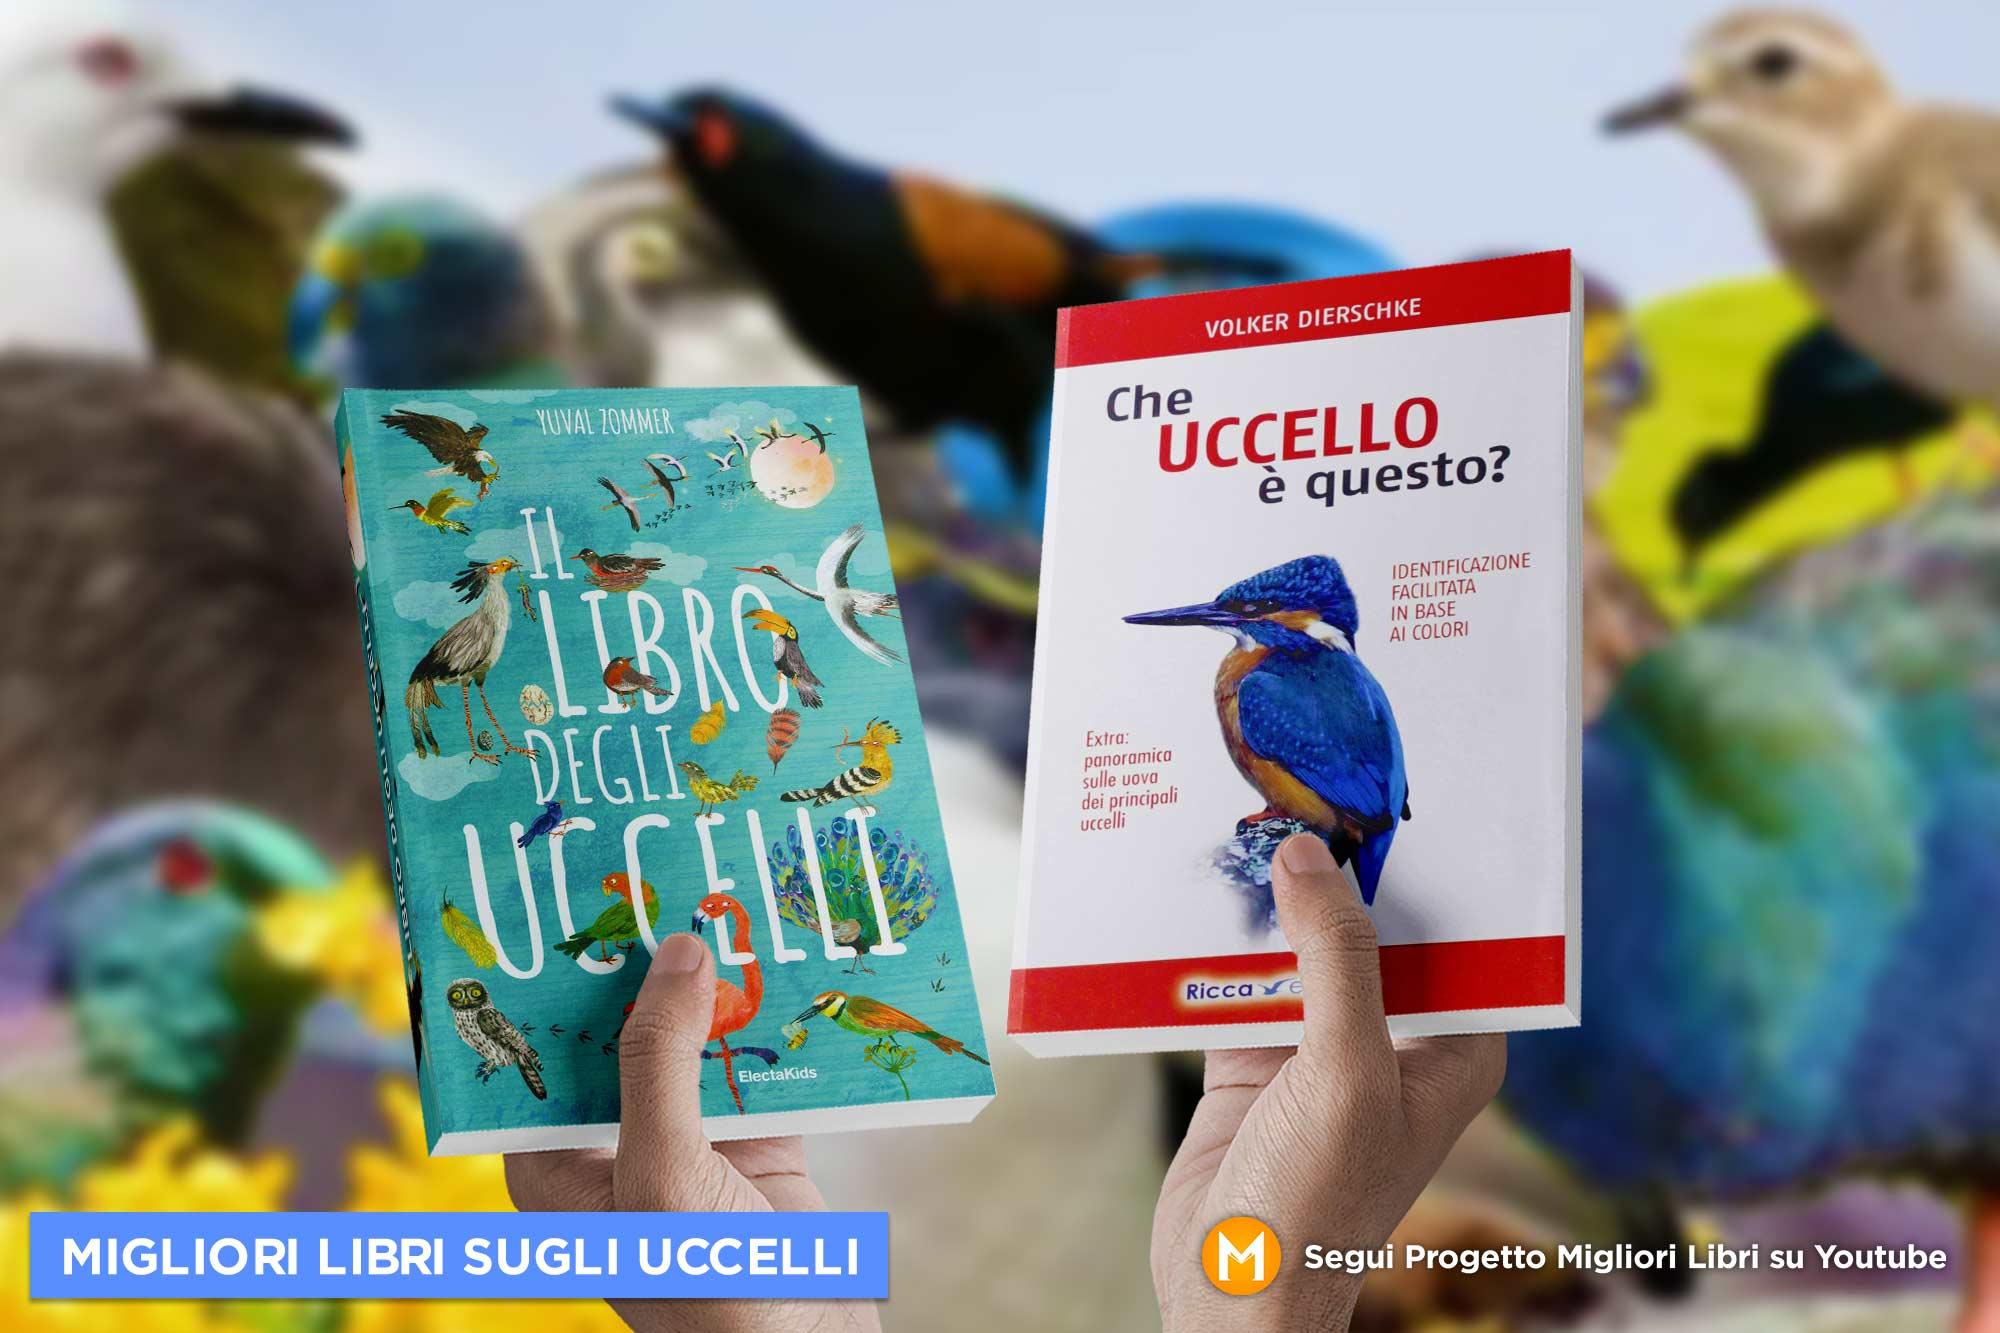 migliori-libri-sugli-uccelli